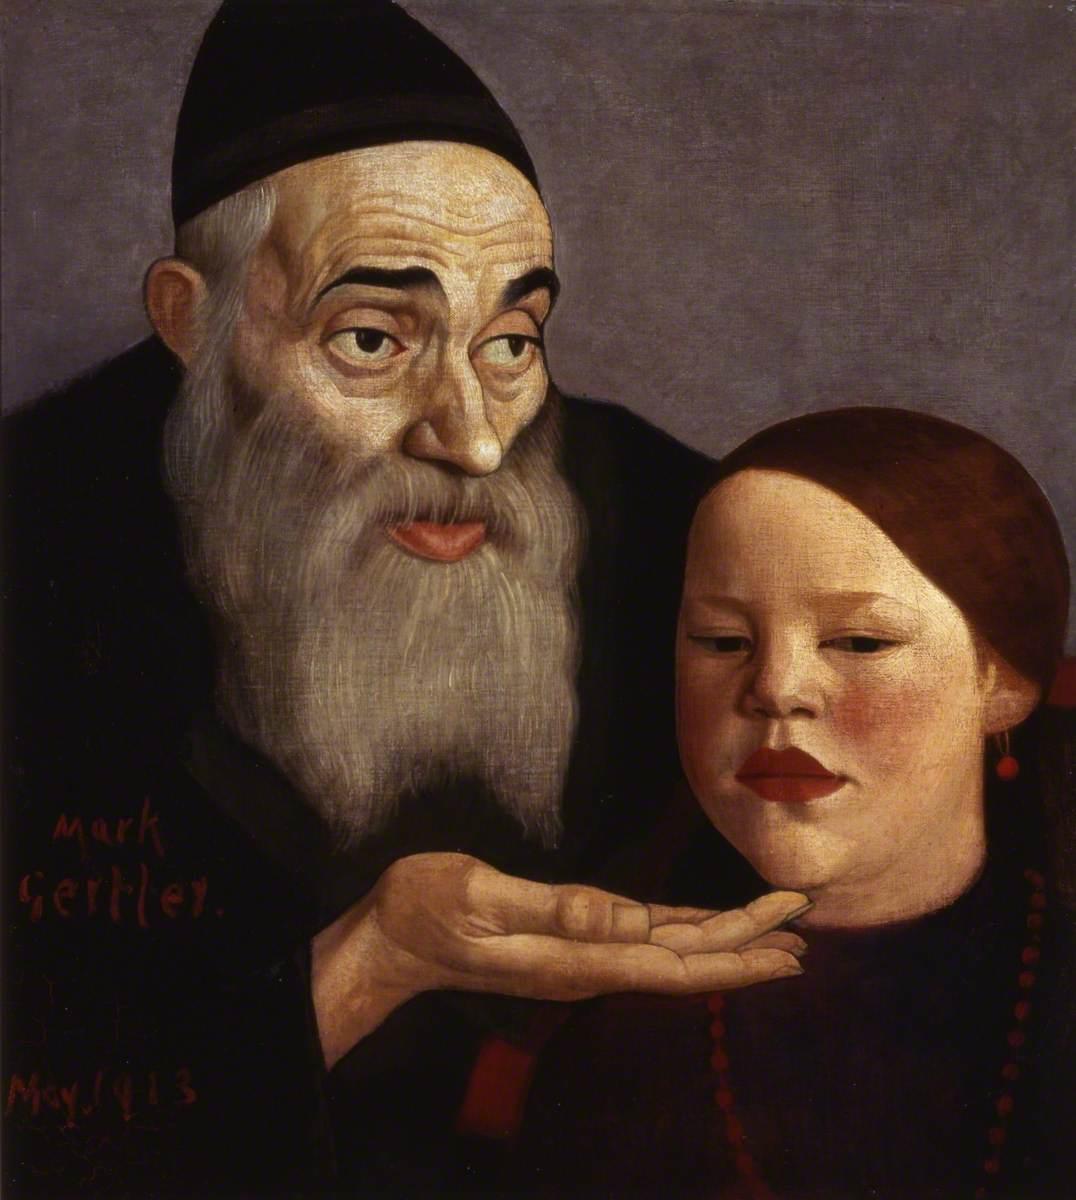 The Rabbi and His Grandchild